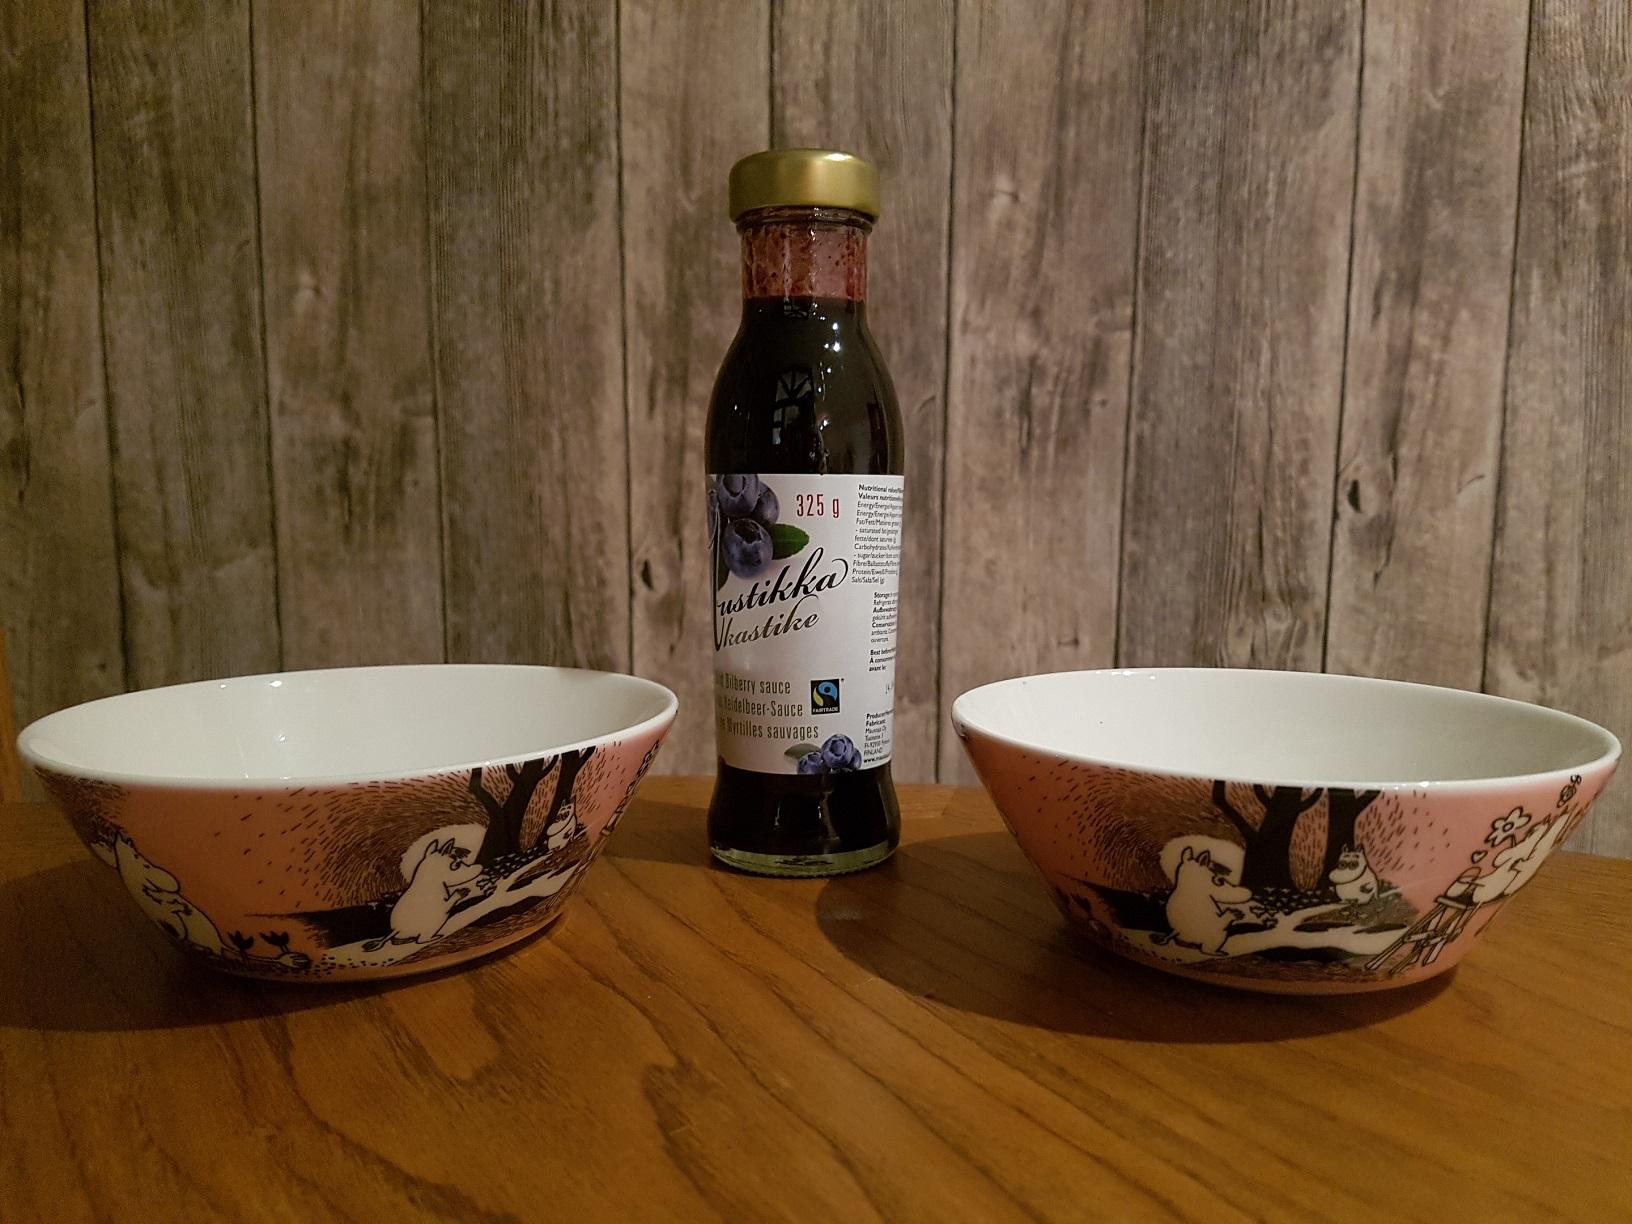 Die finnische Heidelbeersoße mundet nicht nur zu einer Portion Eis aus Mumin-Schälchen - auch Dein Gebäck kannst Du damit beispielsweise verfeinern.